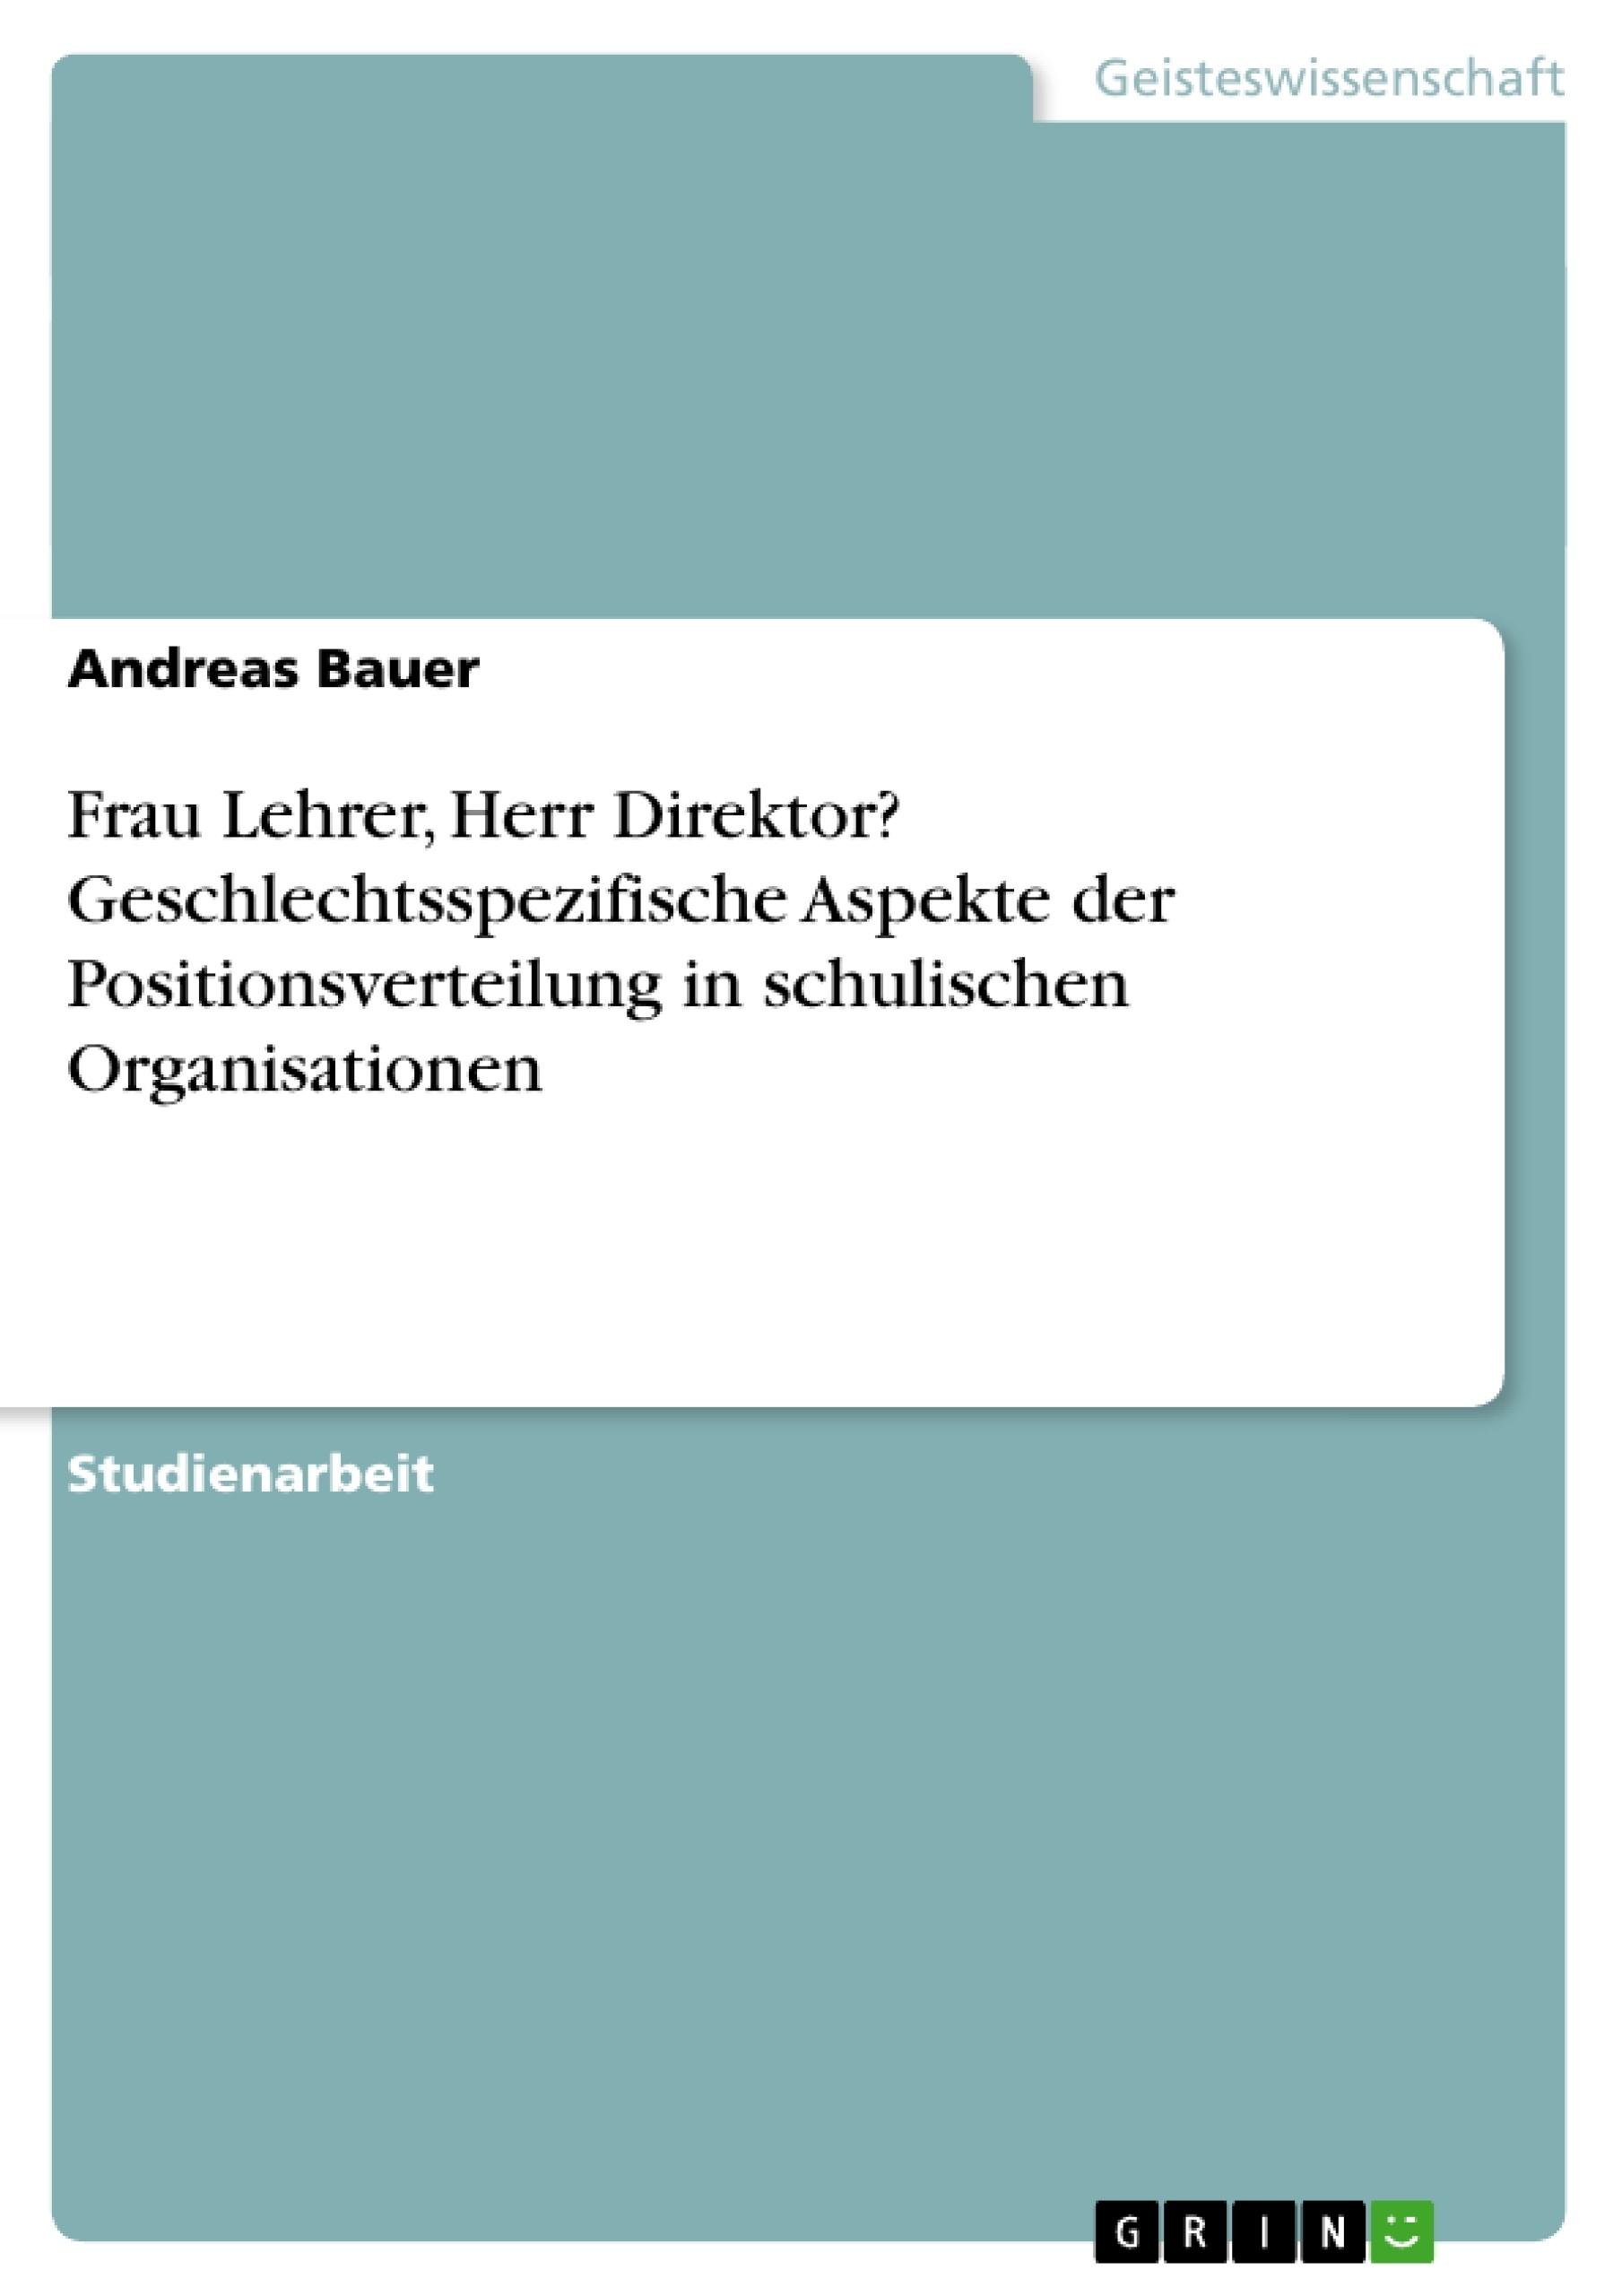 Titel: Frau Lehrer, Herr Direktor? Geschlechtsspezifische Aspekte der Positionsverteilung in schulischen Organisationen